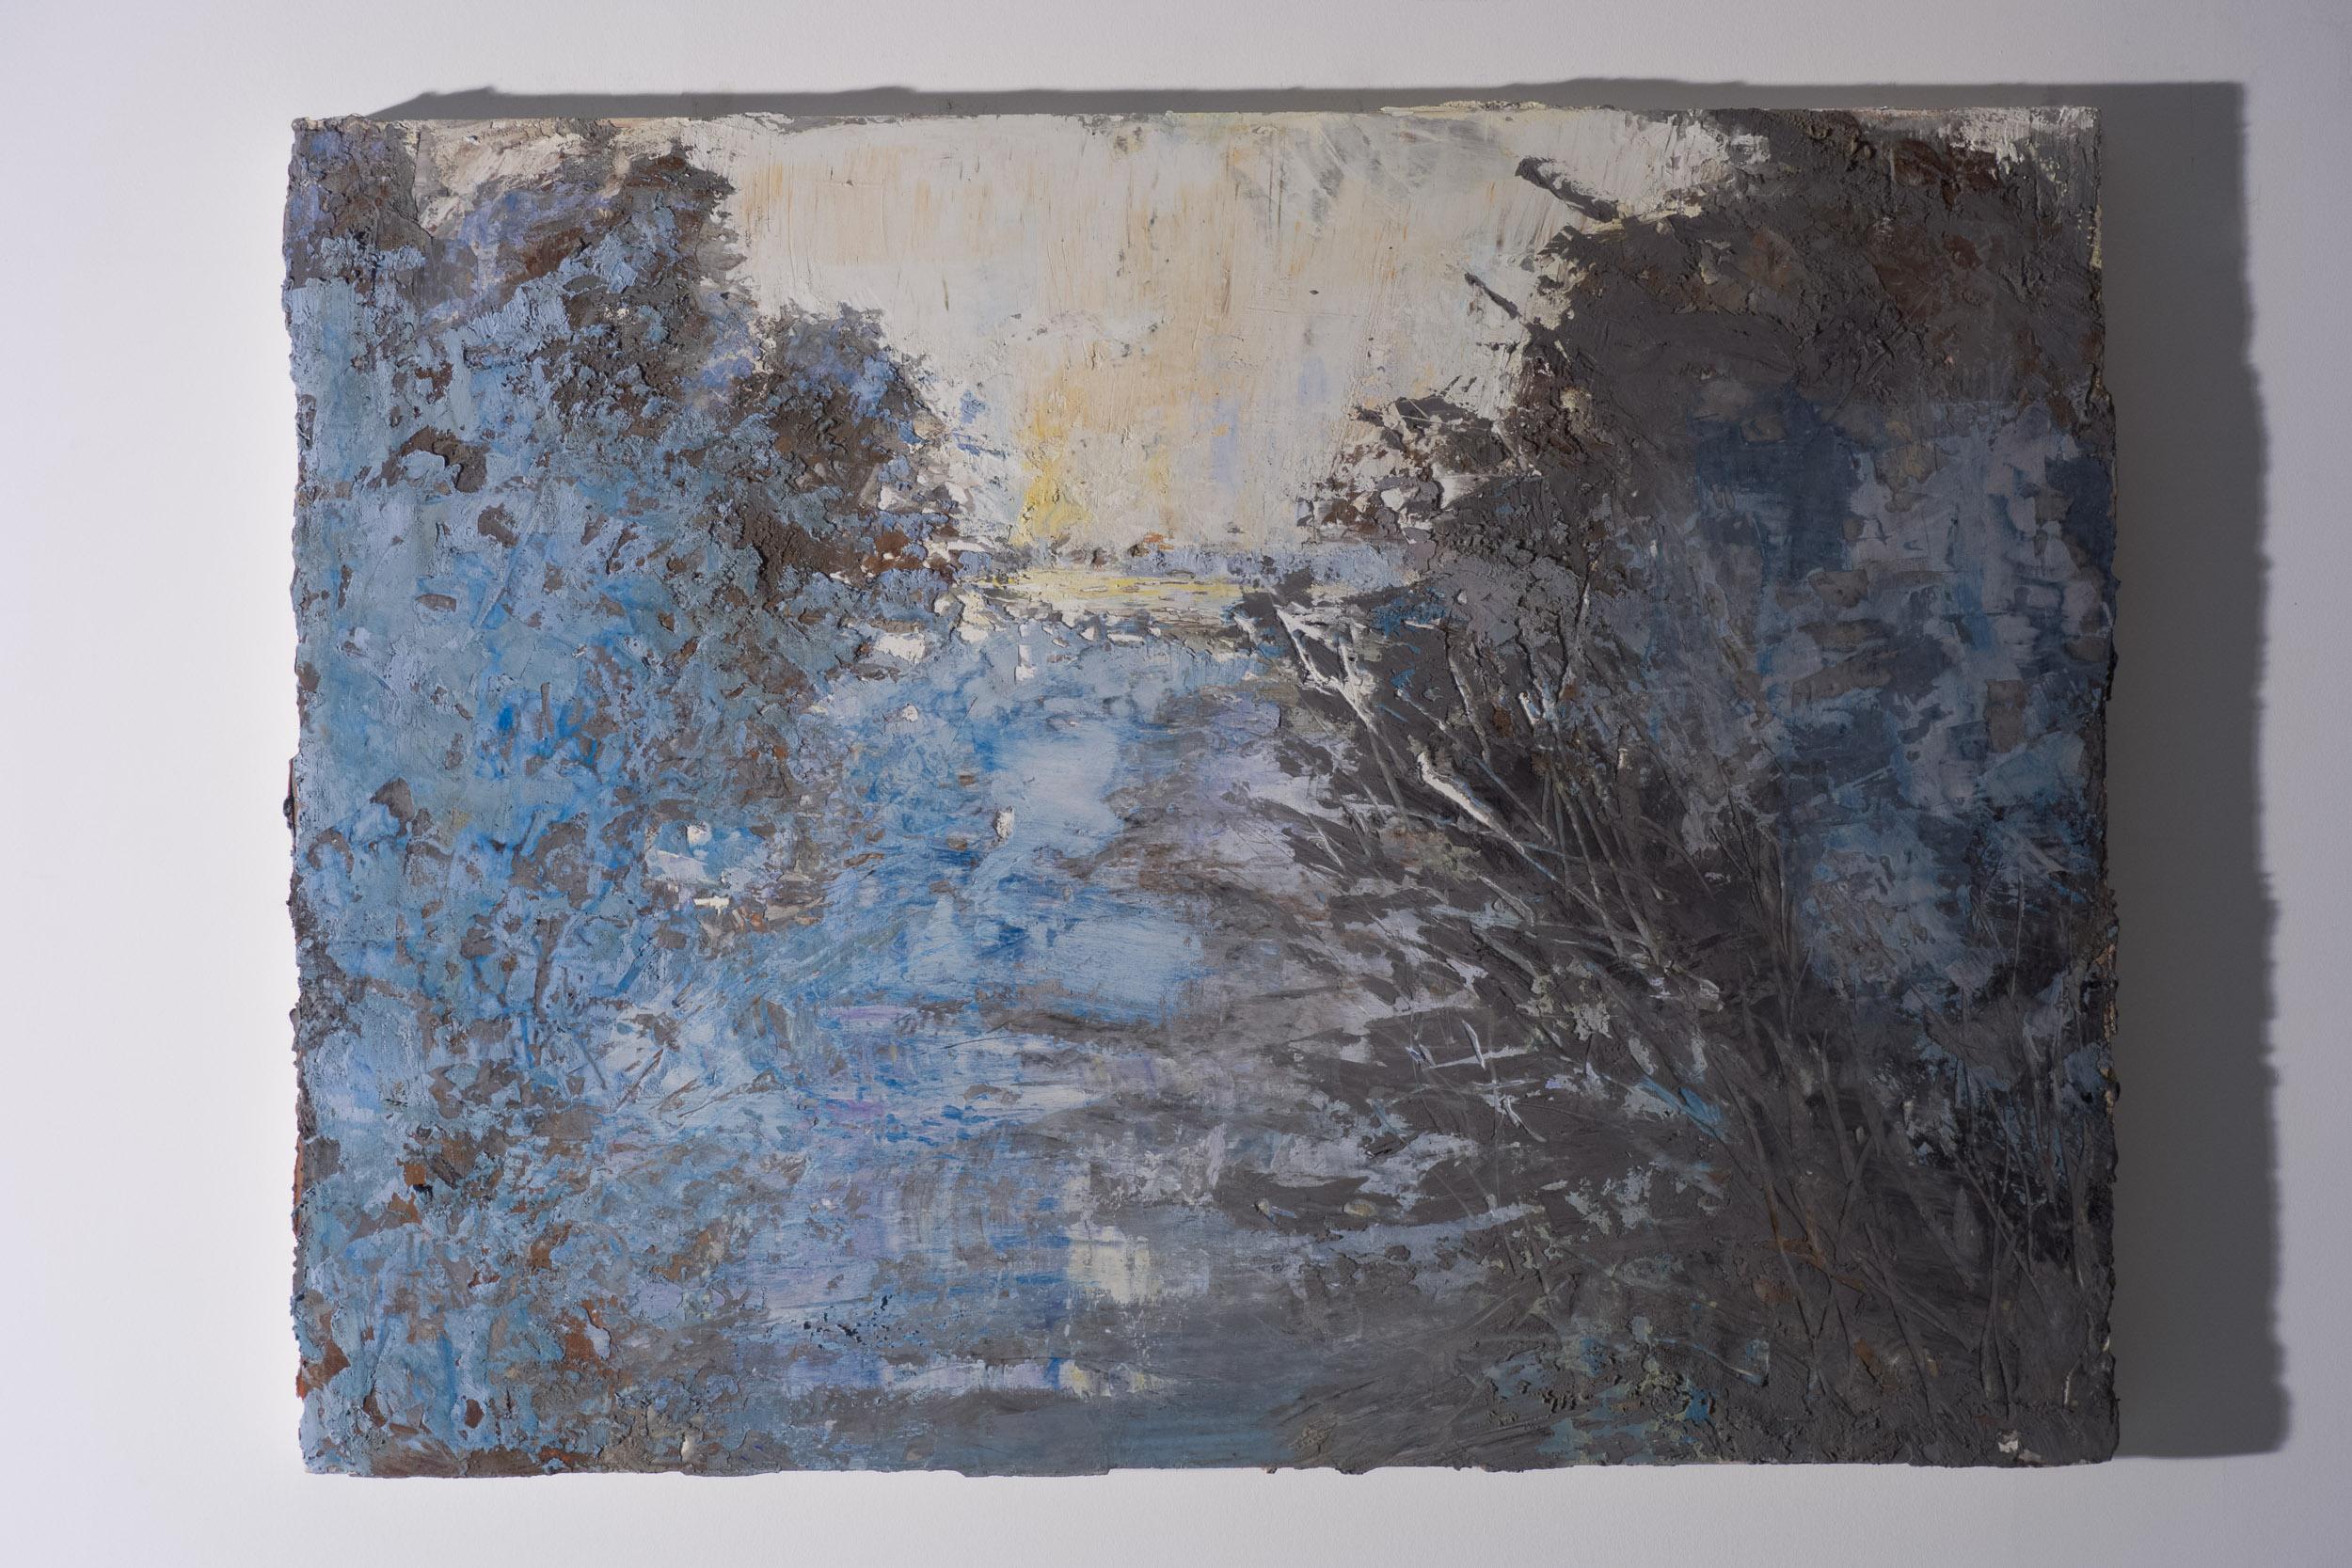 Shelley Vanderbyl - Breaking Branches (Side Light) - 2016 - Fresco on Panel - 30x40.jpg